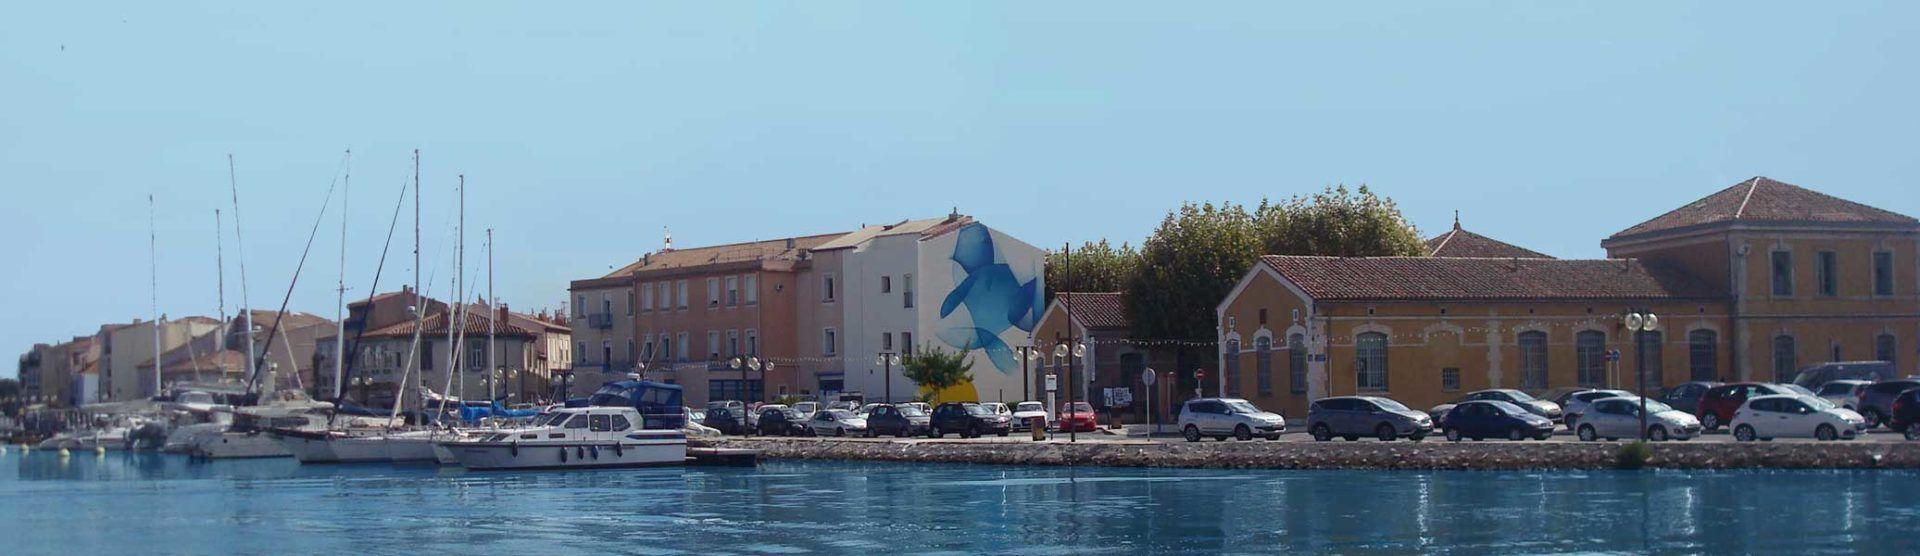 Art public - Guillaume Bottazzi - Martigues, Côte d'Azur